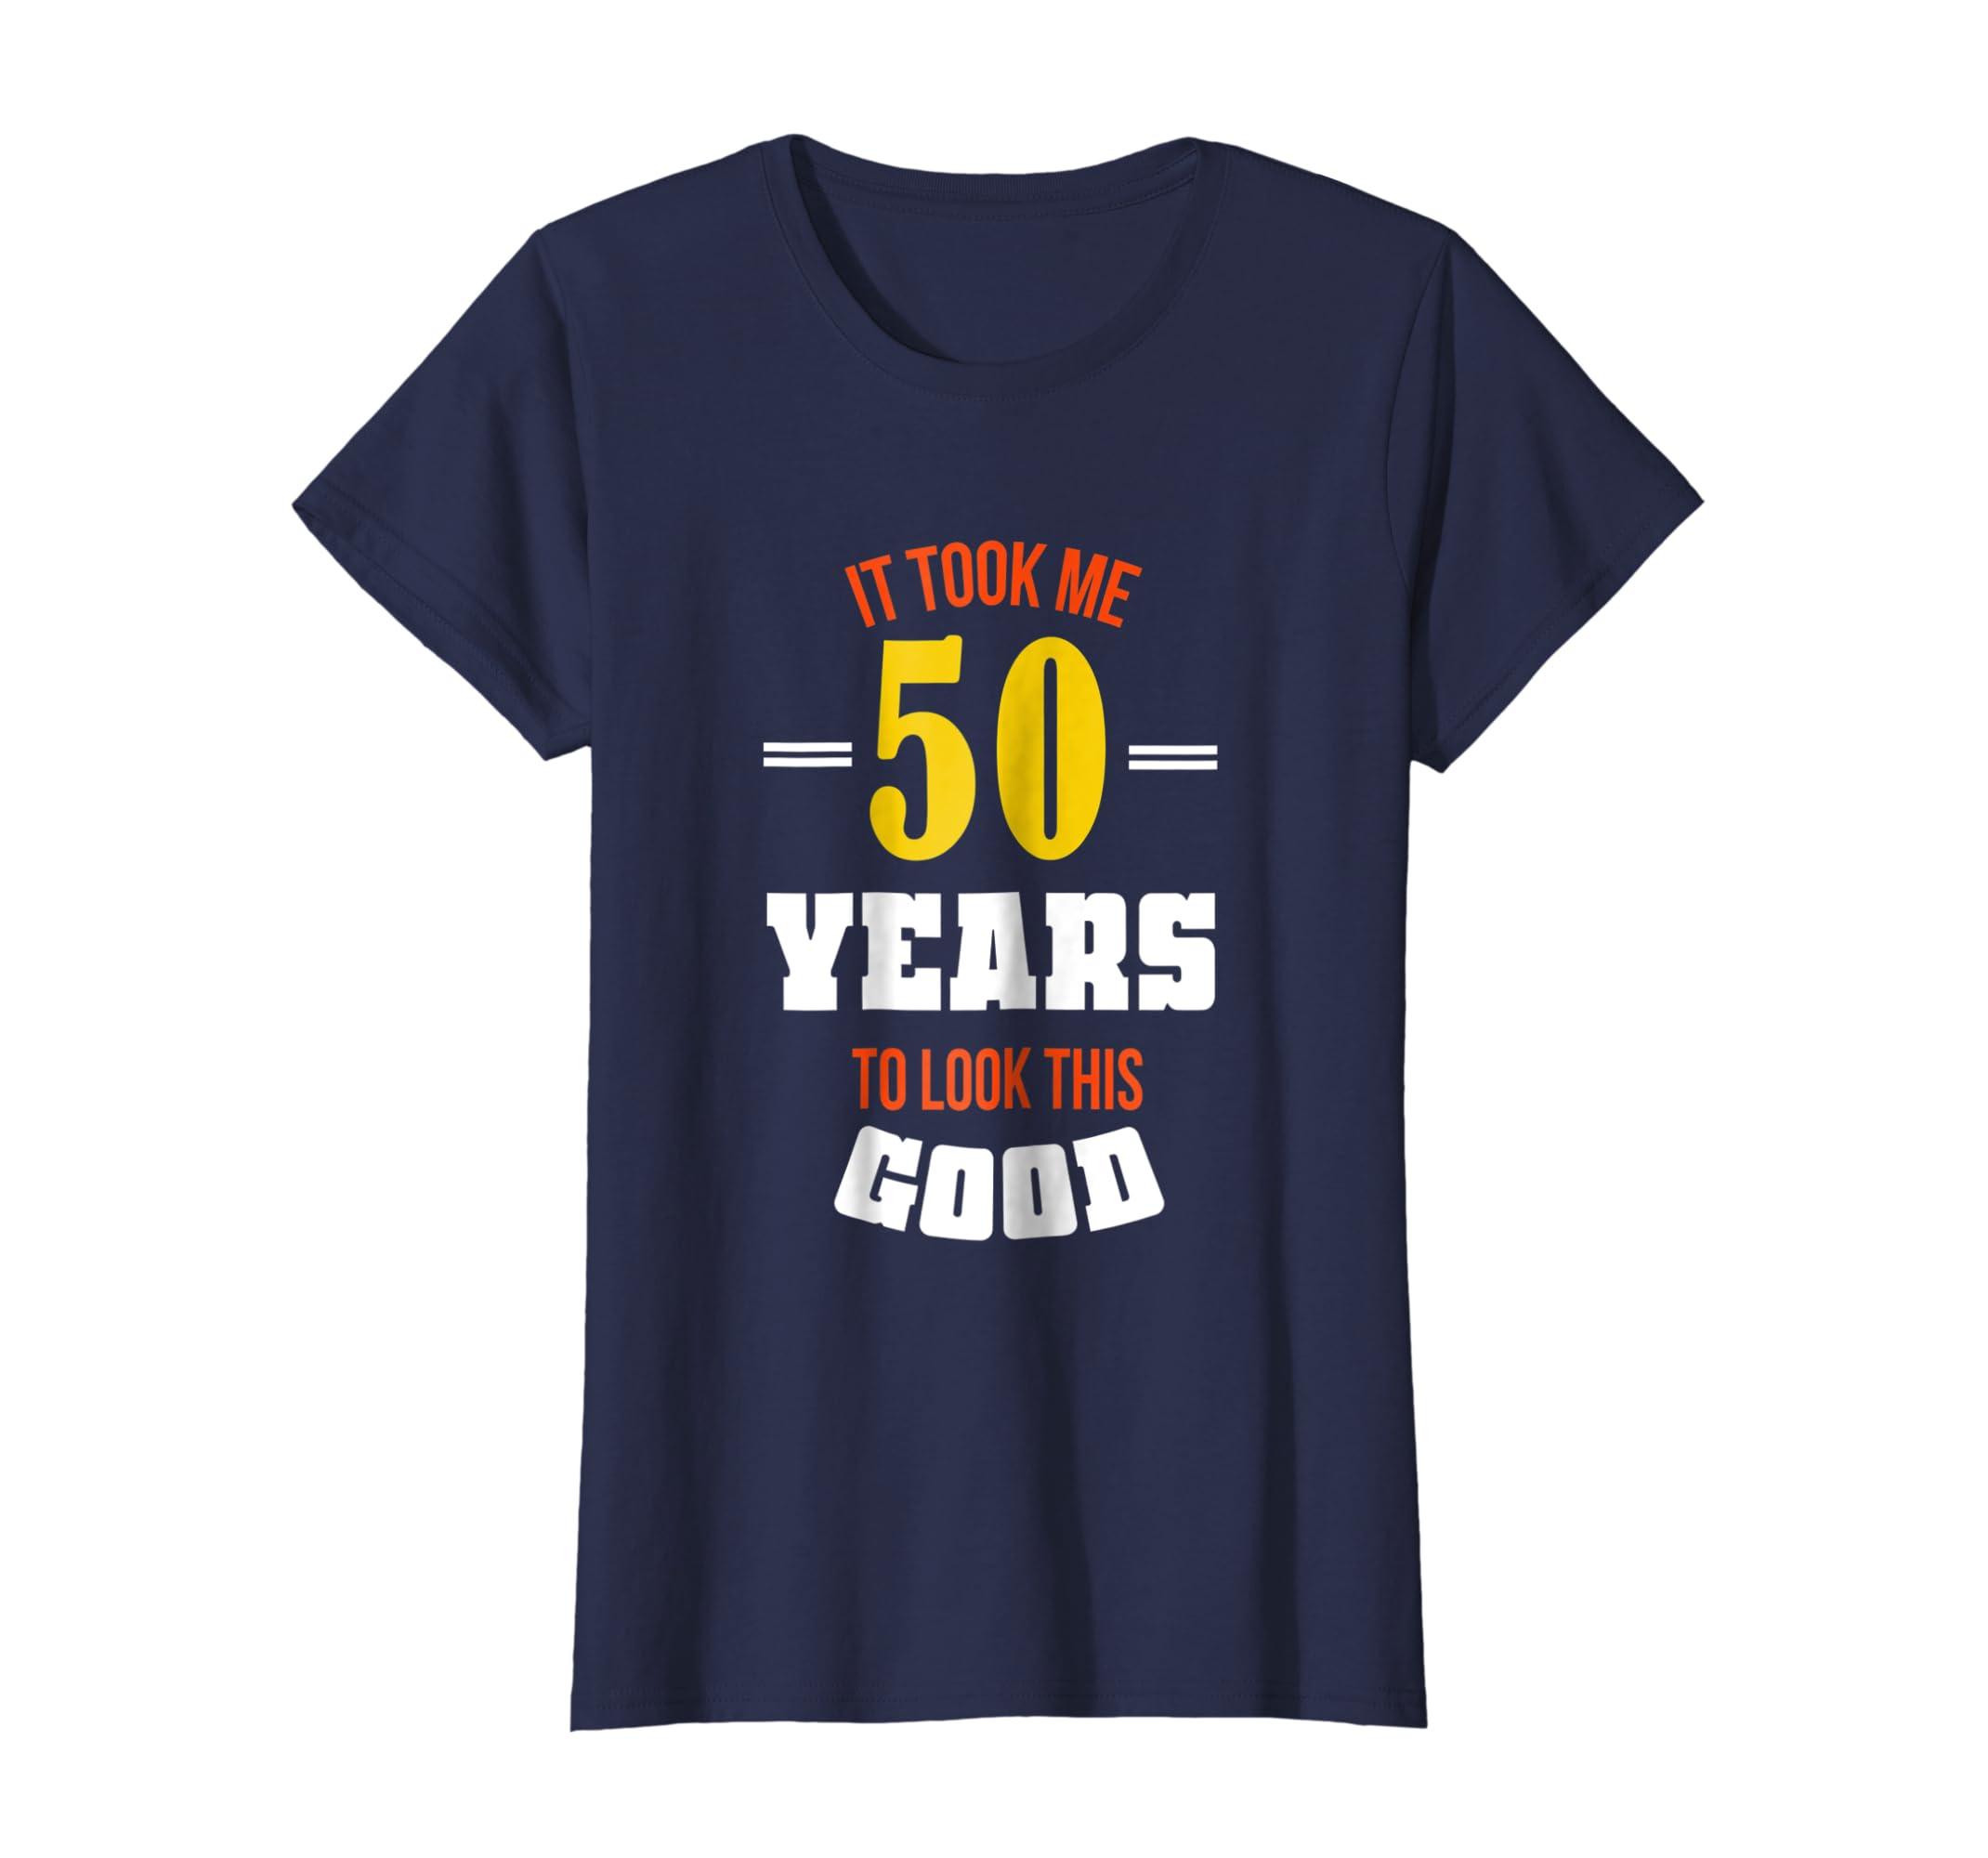 Amazon Funny Birthday T Shirt 50th 50 Years Gift Slogan Men Women Clothing